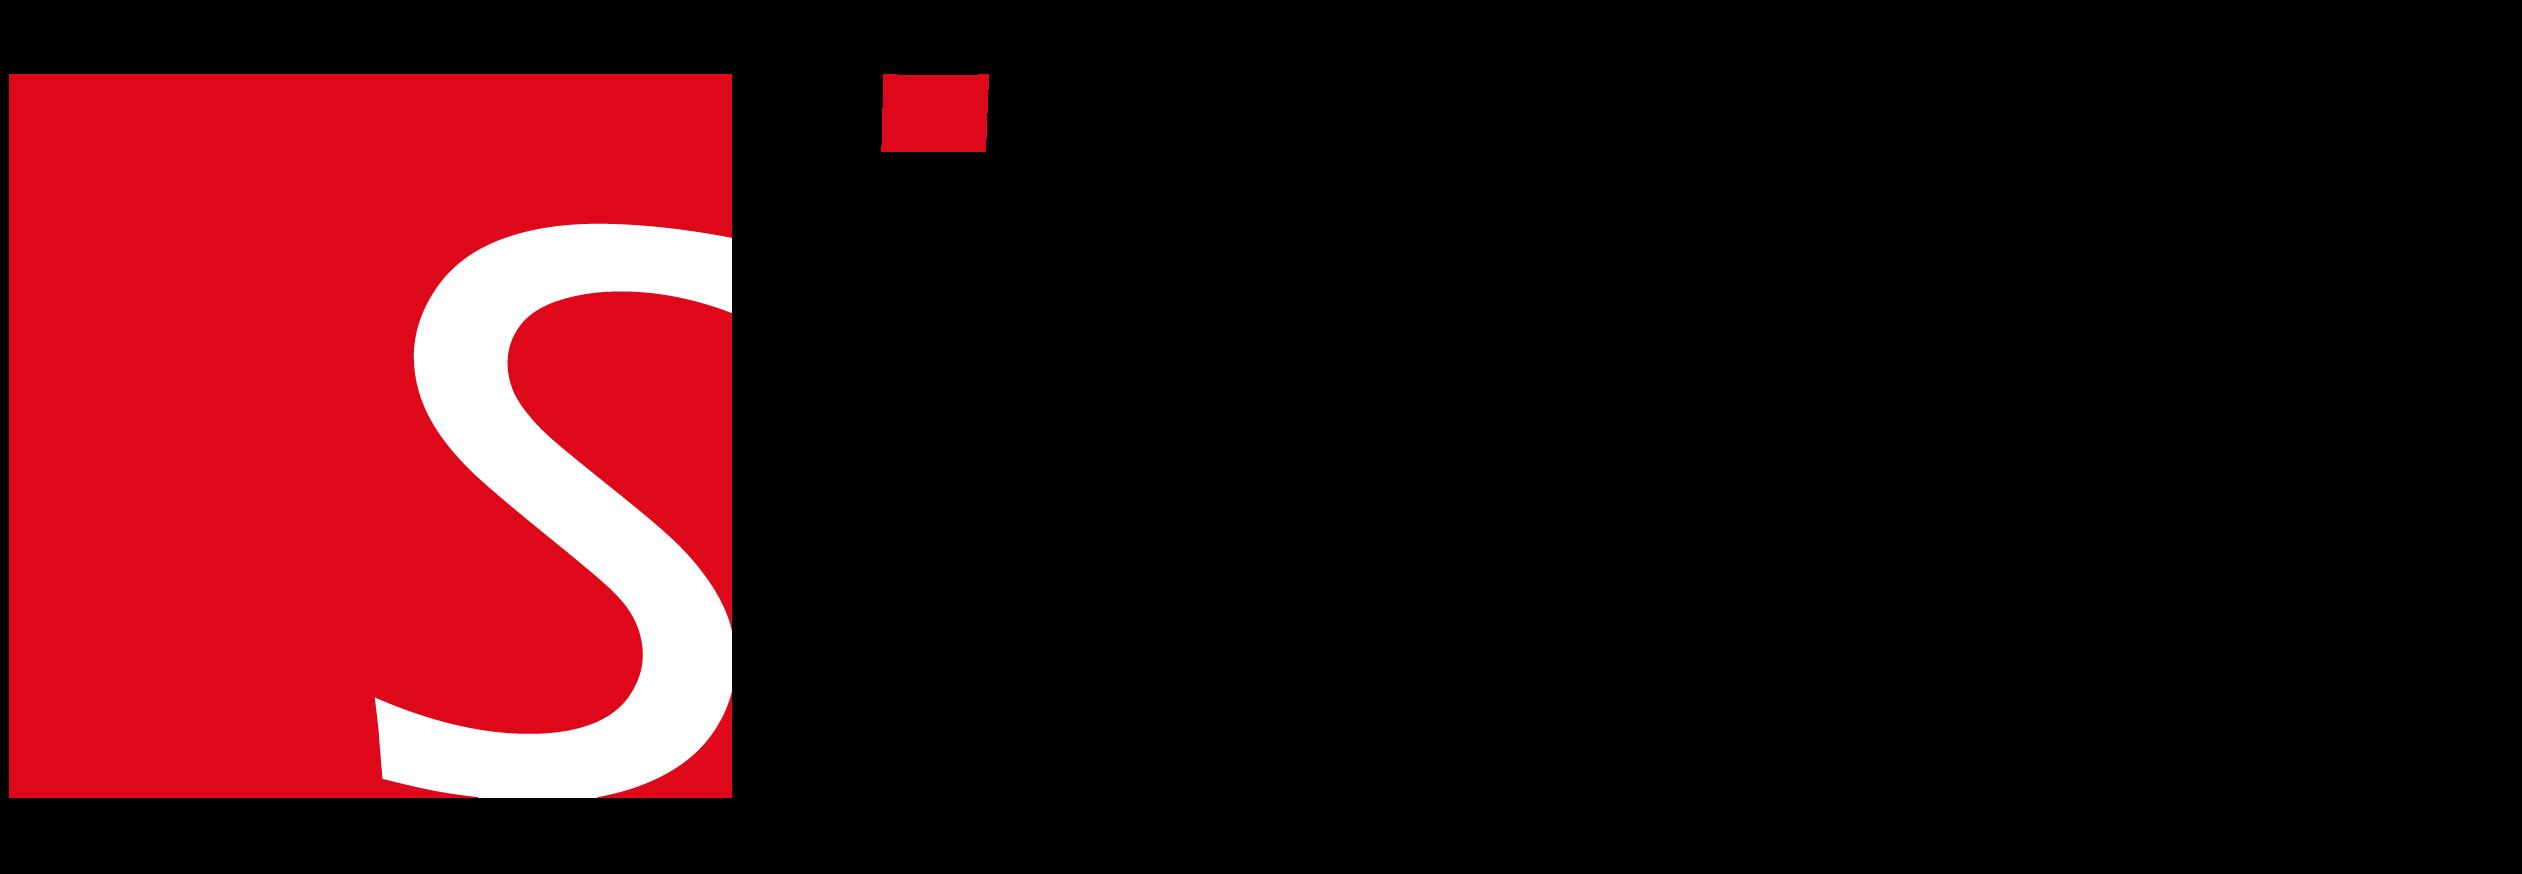 SIWA Online GmbH_logo